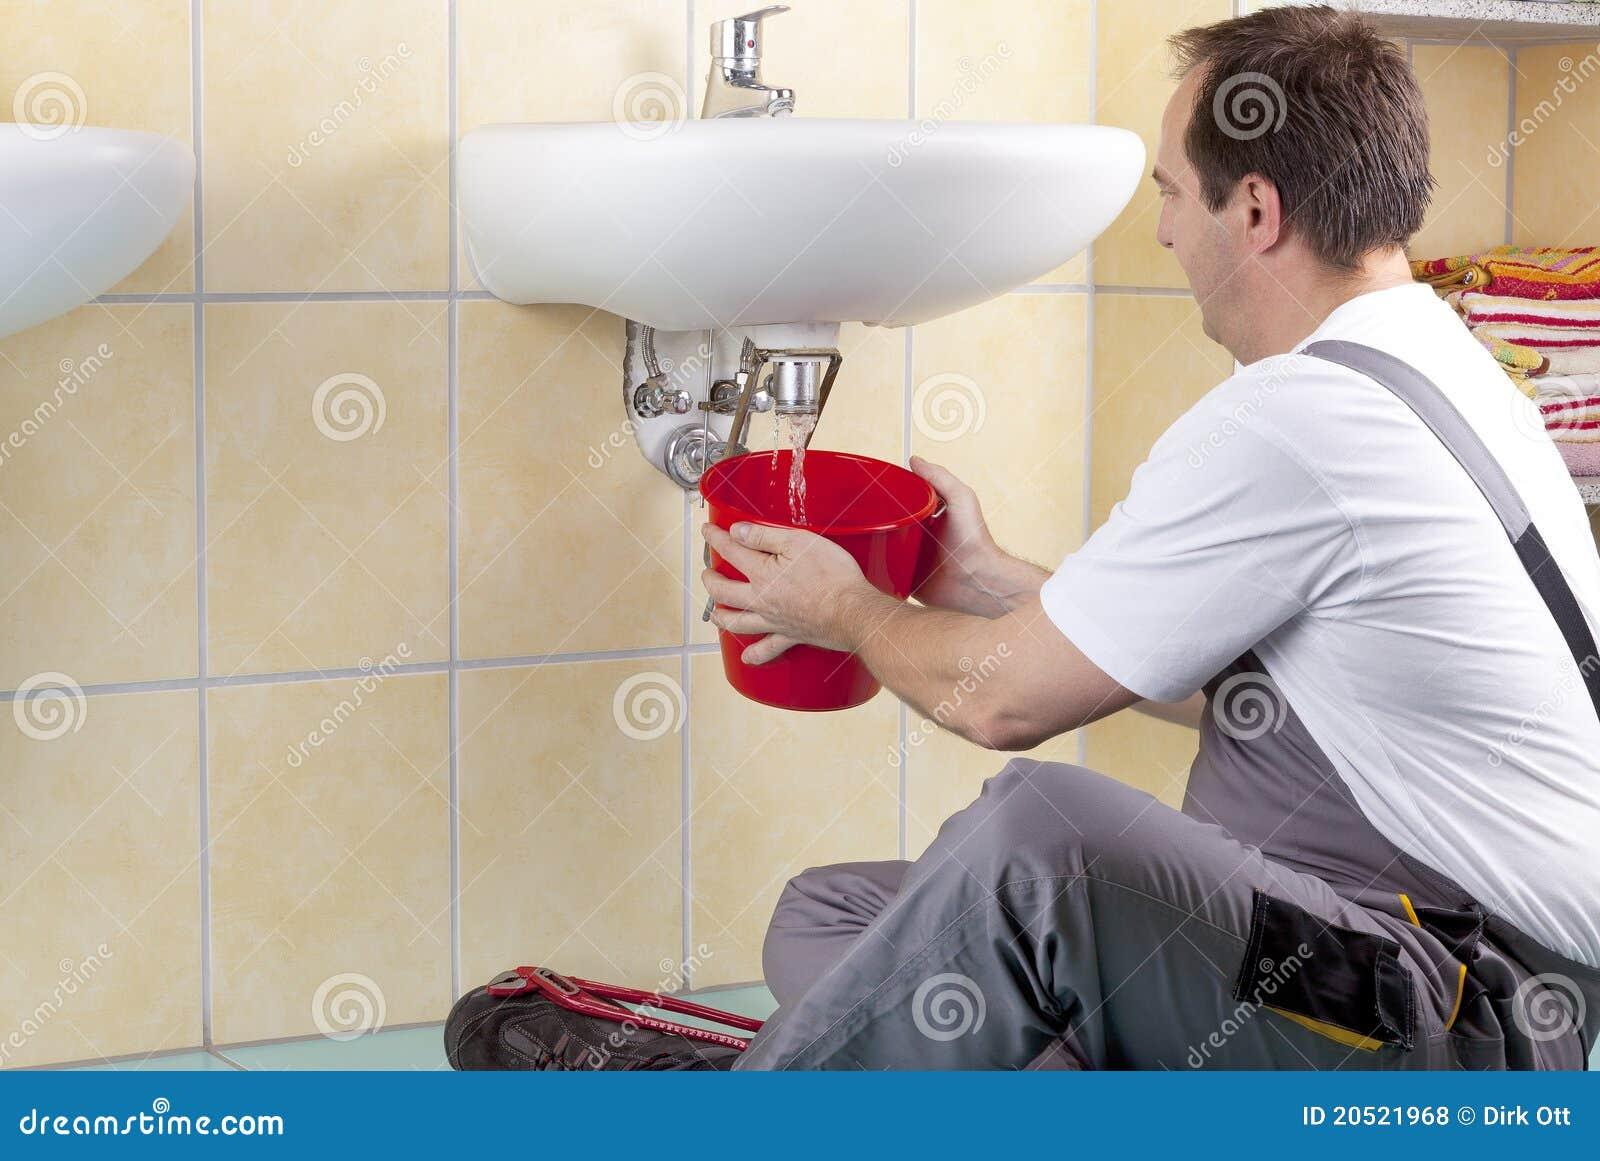 Plumber At Work Royalty Free Stock Photos Image 20521968